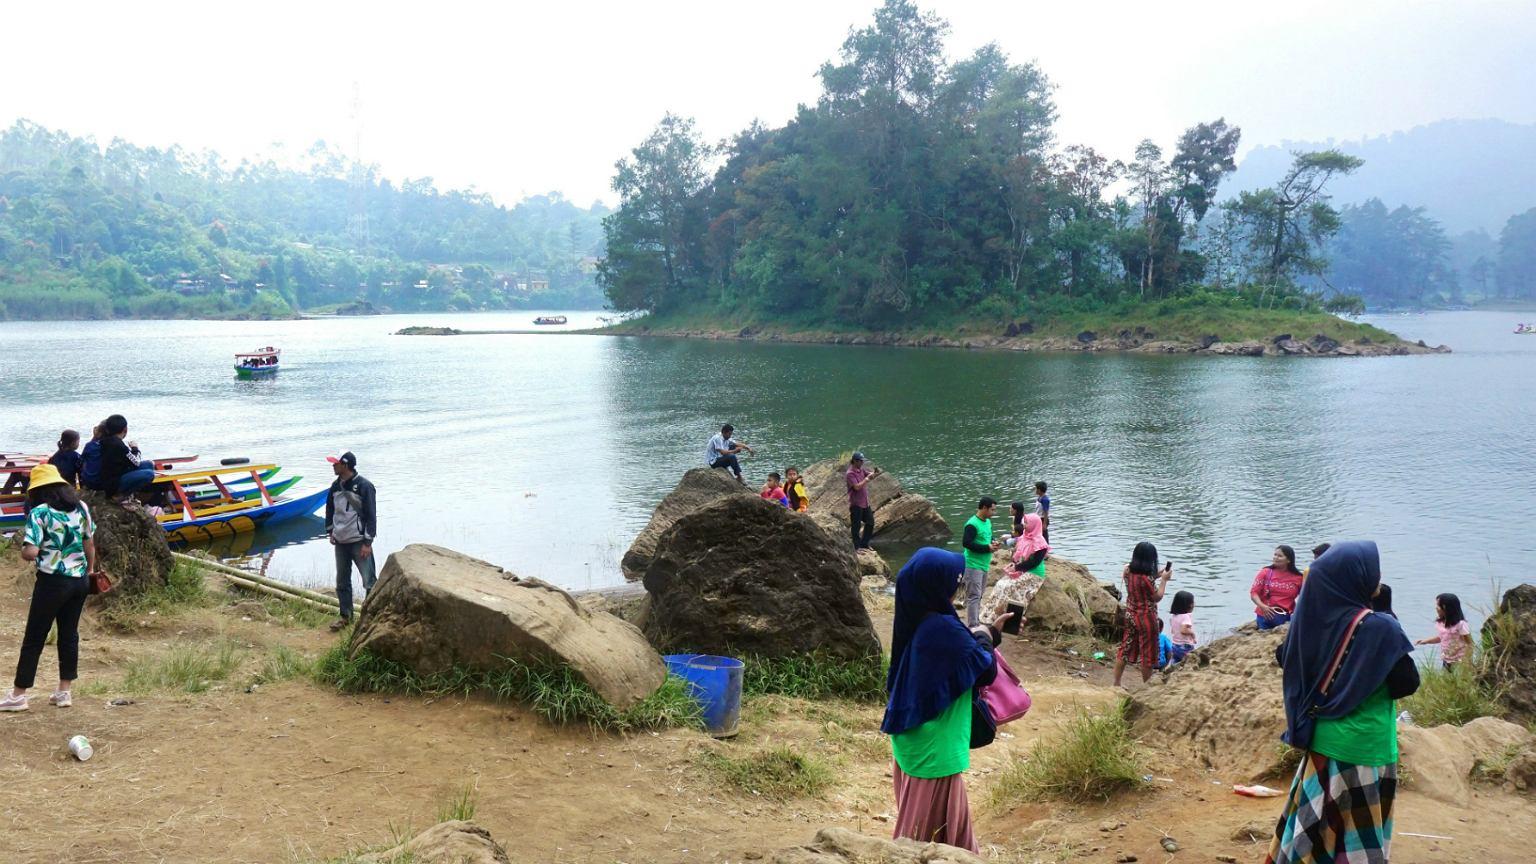 Magda wykąpała się w jednym z jezior w Indonezji i zaraziła pierwotniakiem